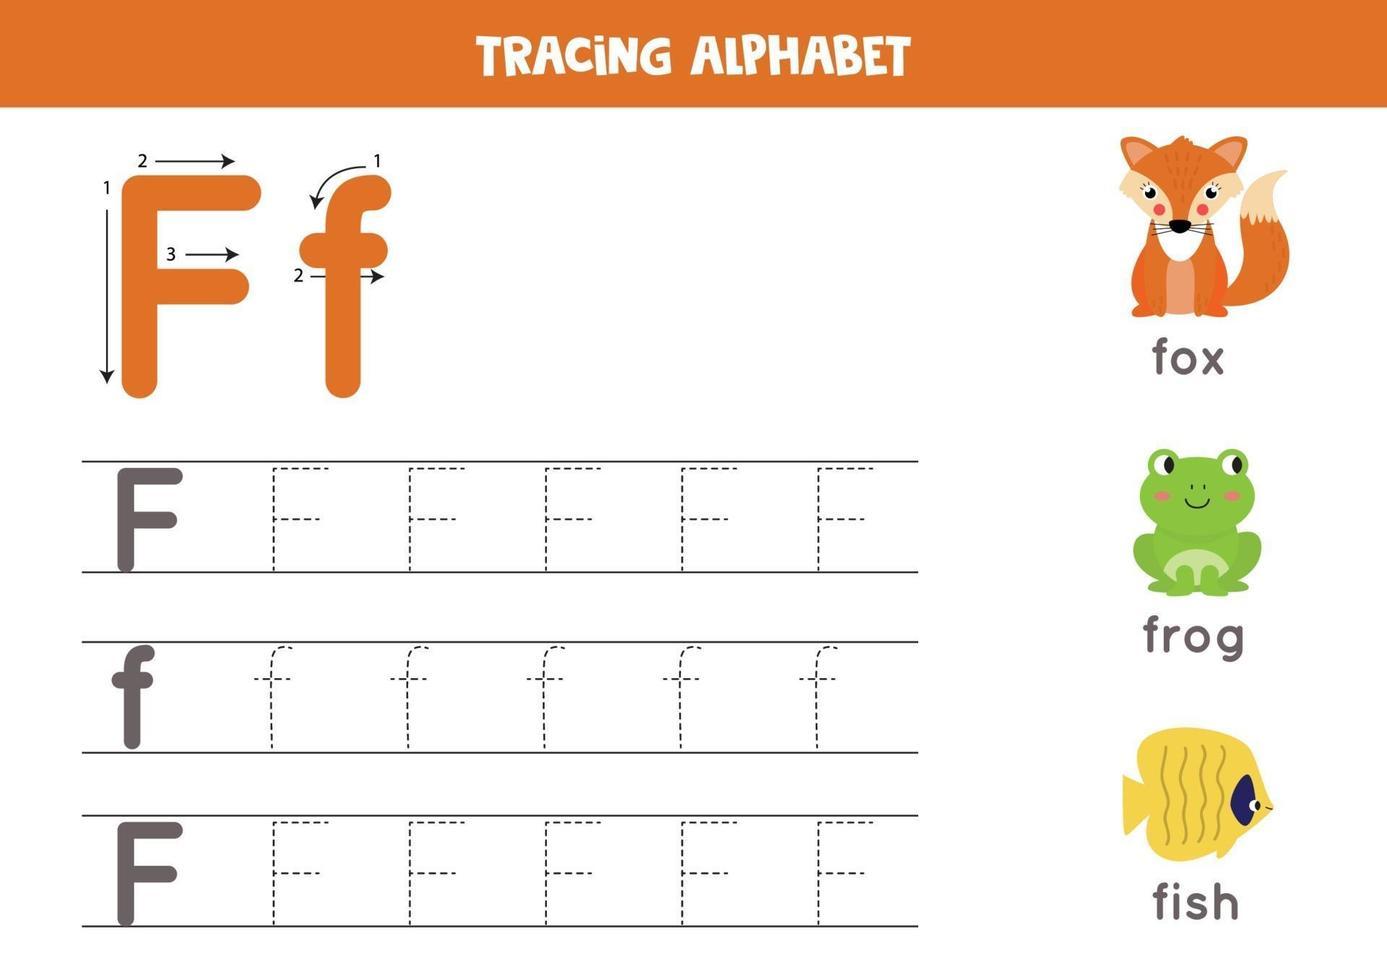 f é para raposa, sapo, peixe. rastreando a planilha do alfabeto inglês. vetor